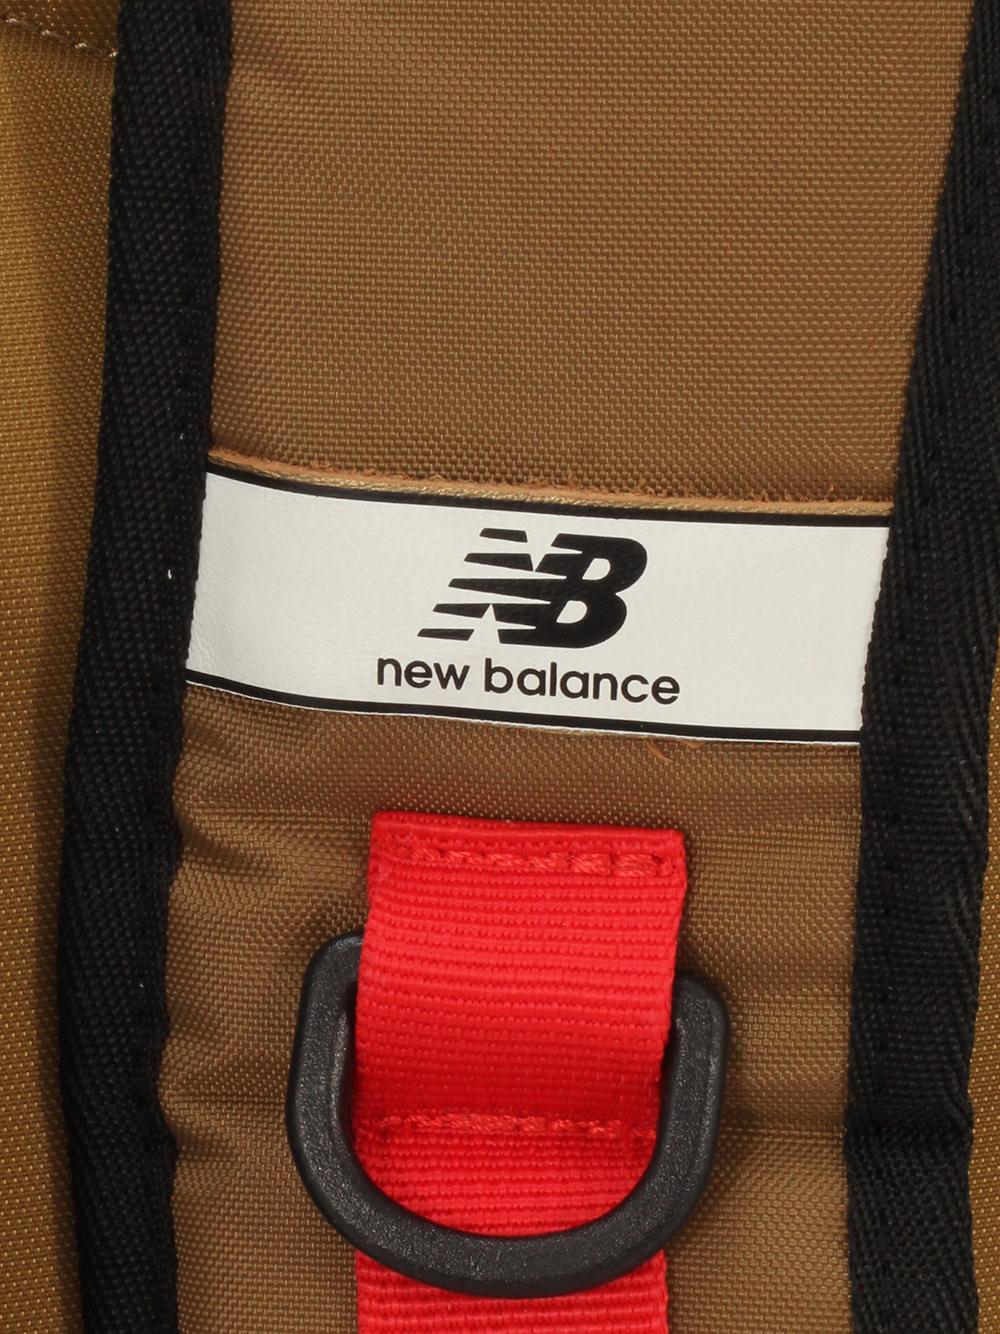 balo-hang-hieu-new-balance-untral-backpack-5